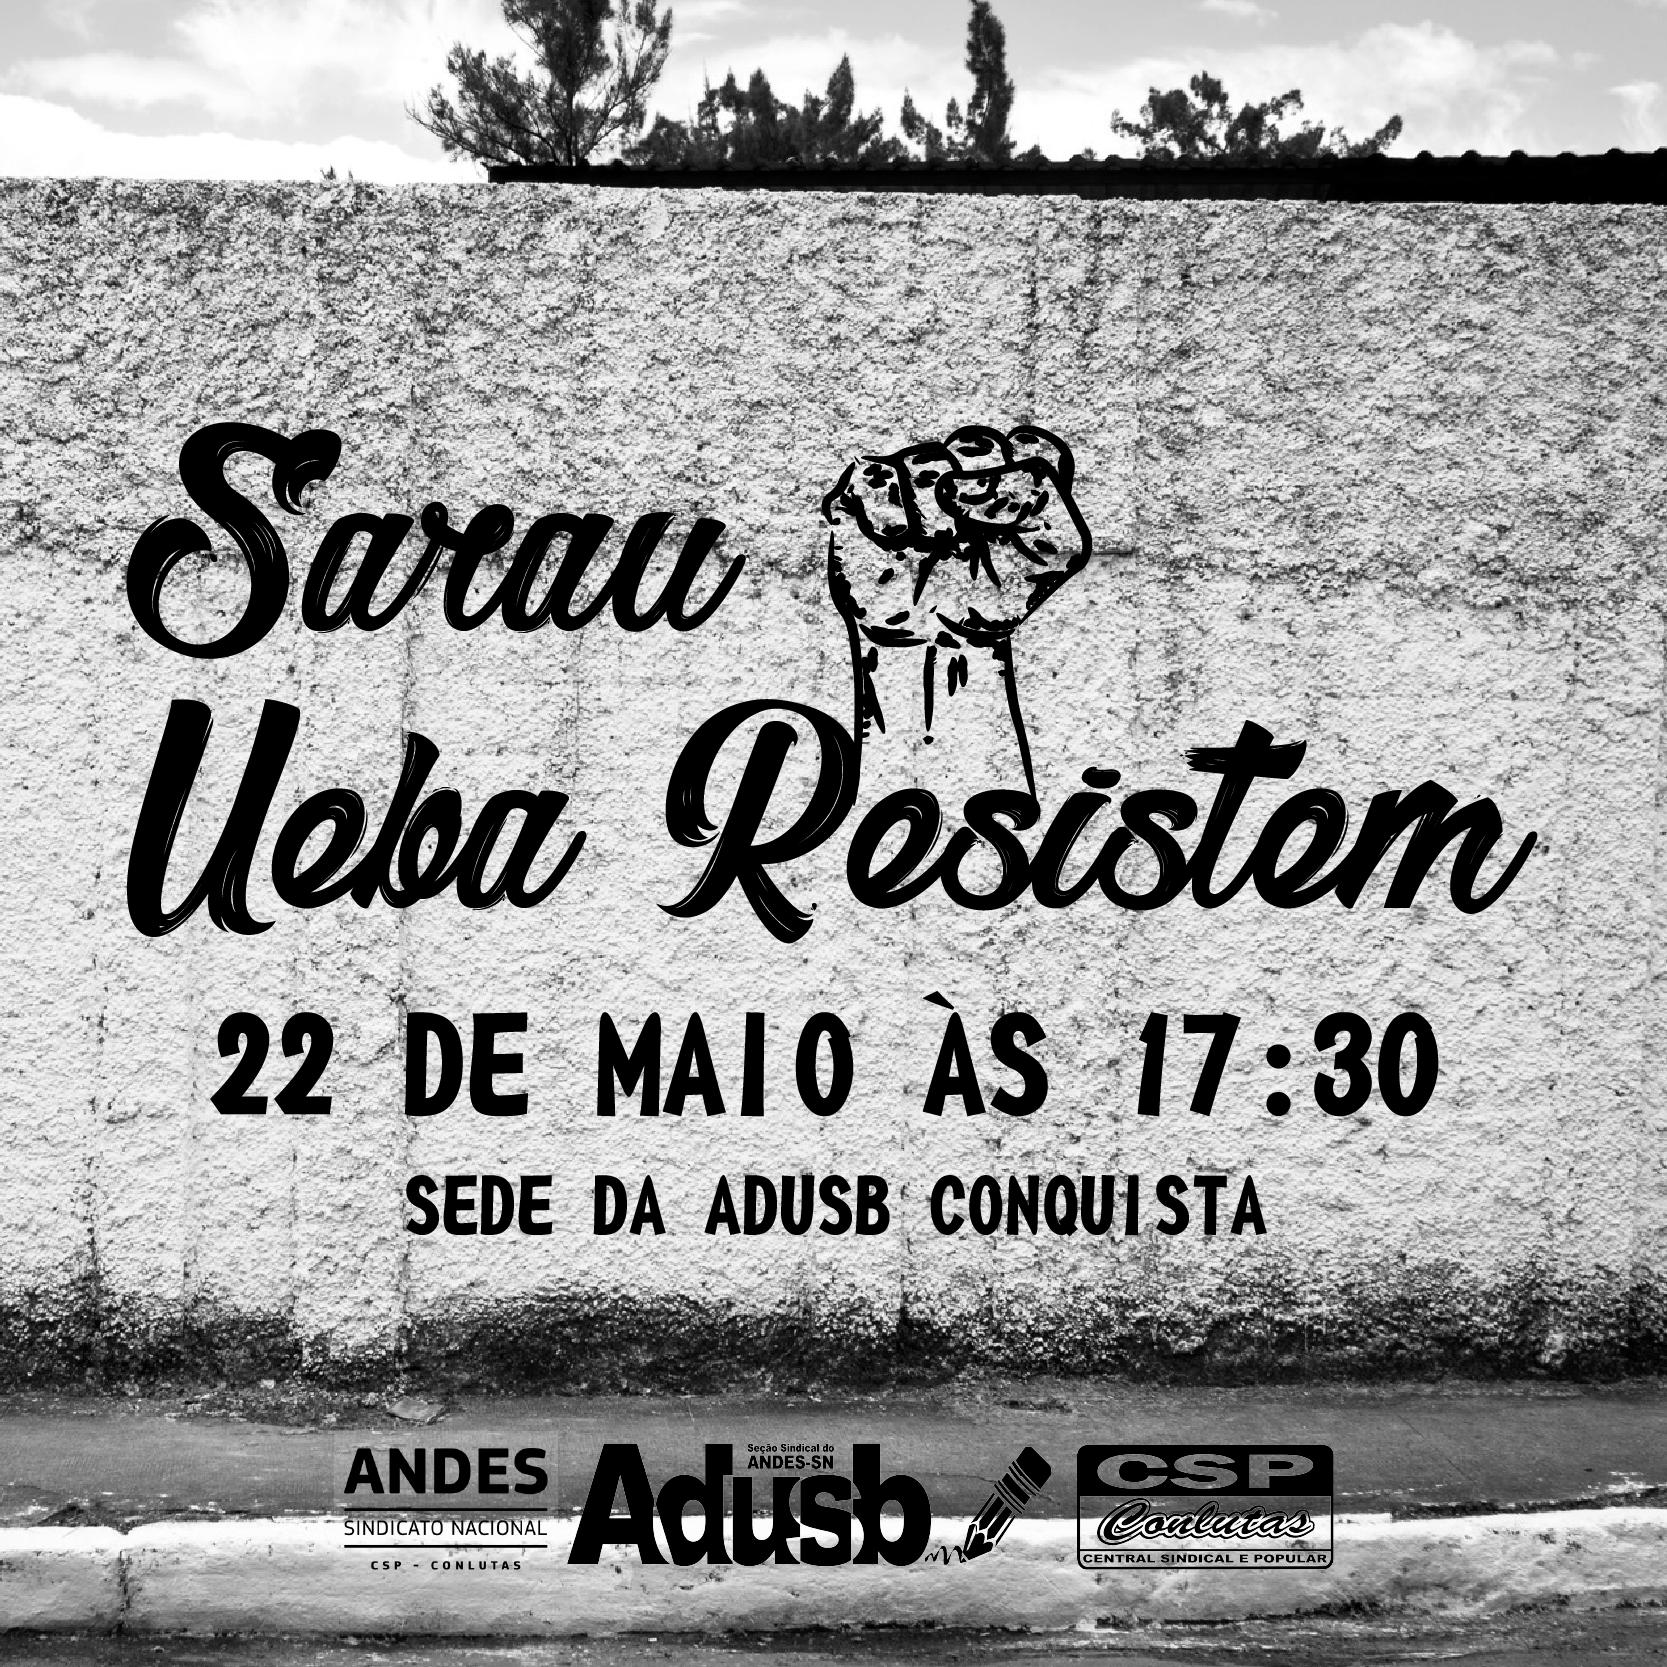 Sarau UEBA Resistem acontecerá no dia 22 de maio na Uesb